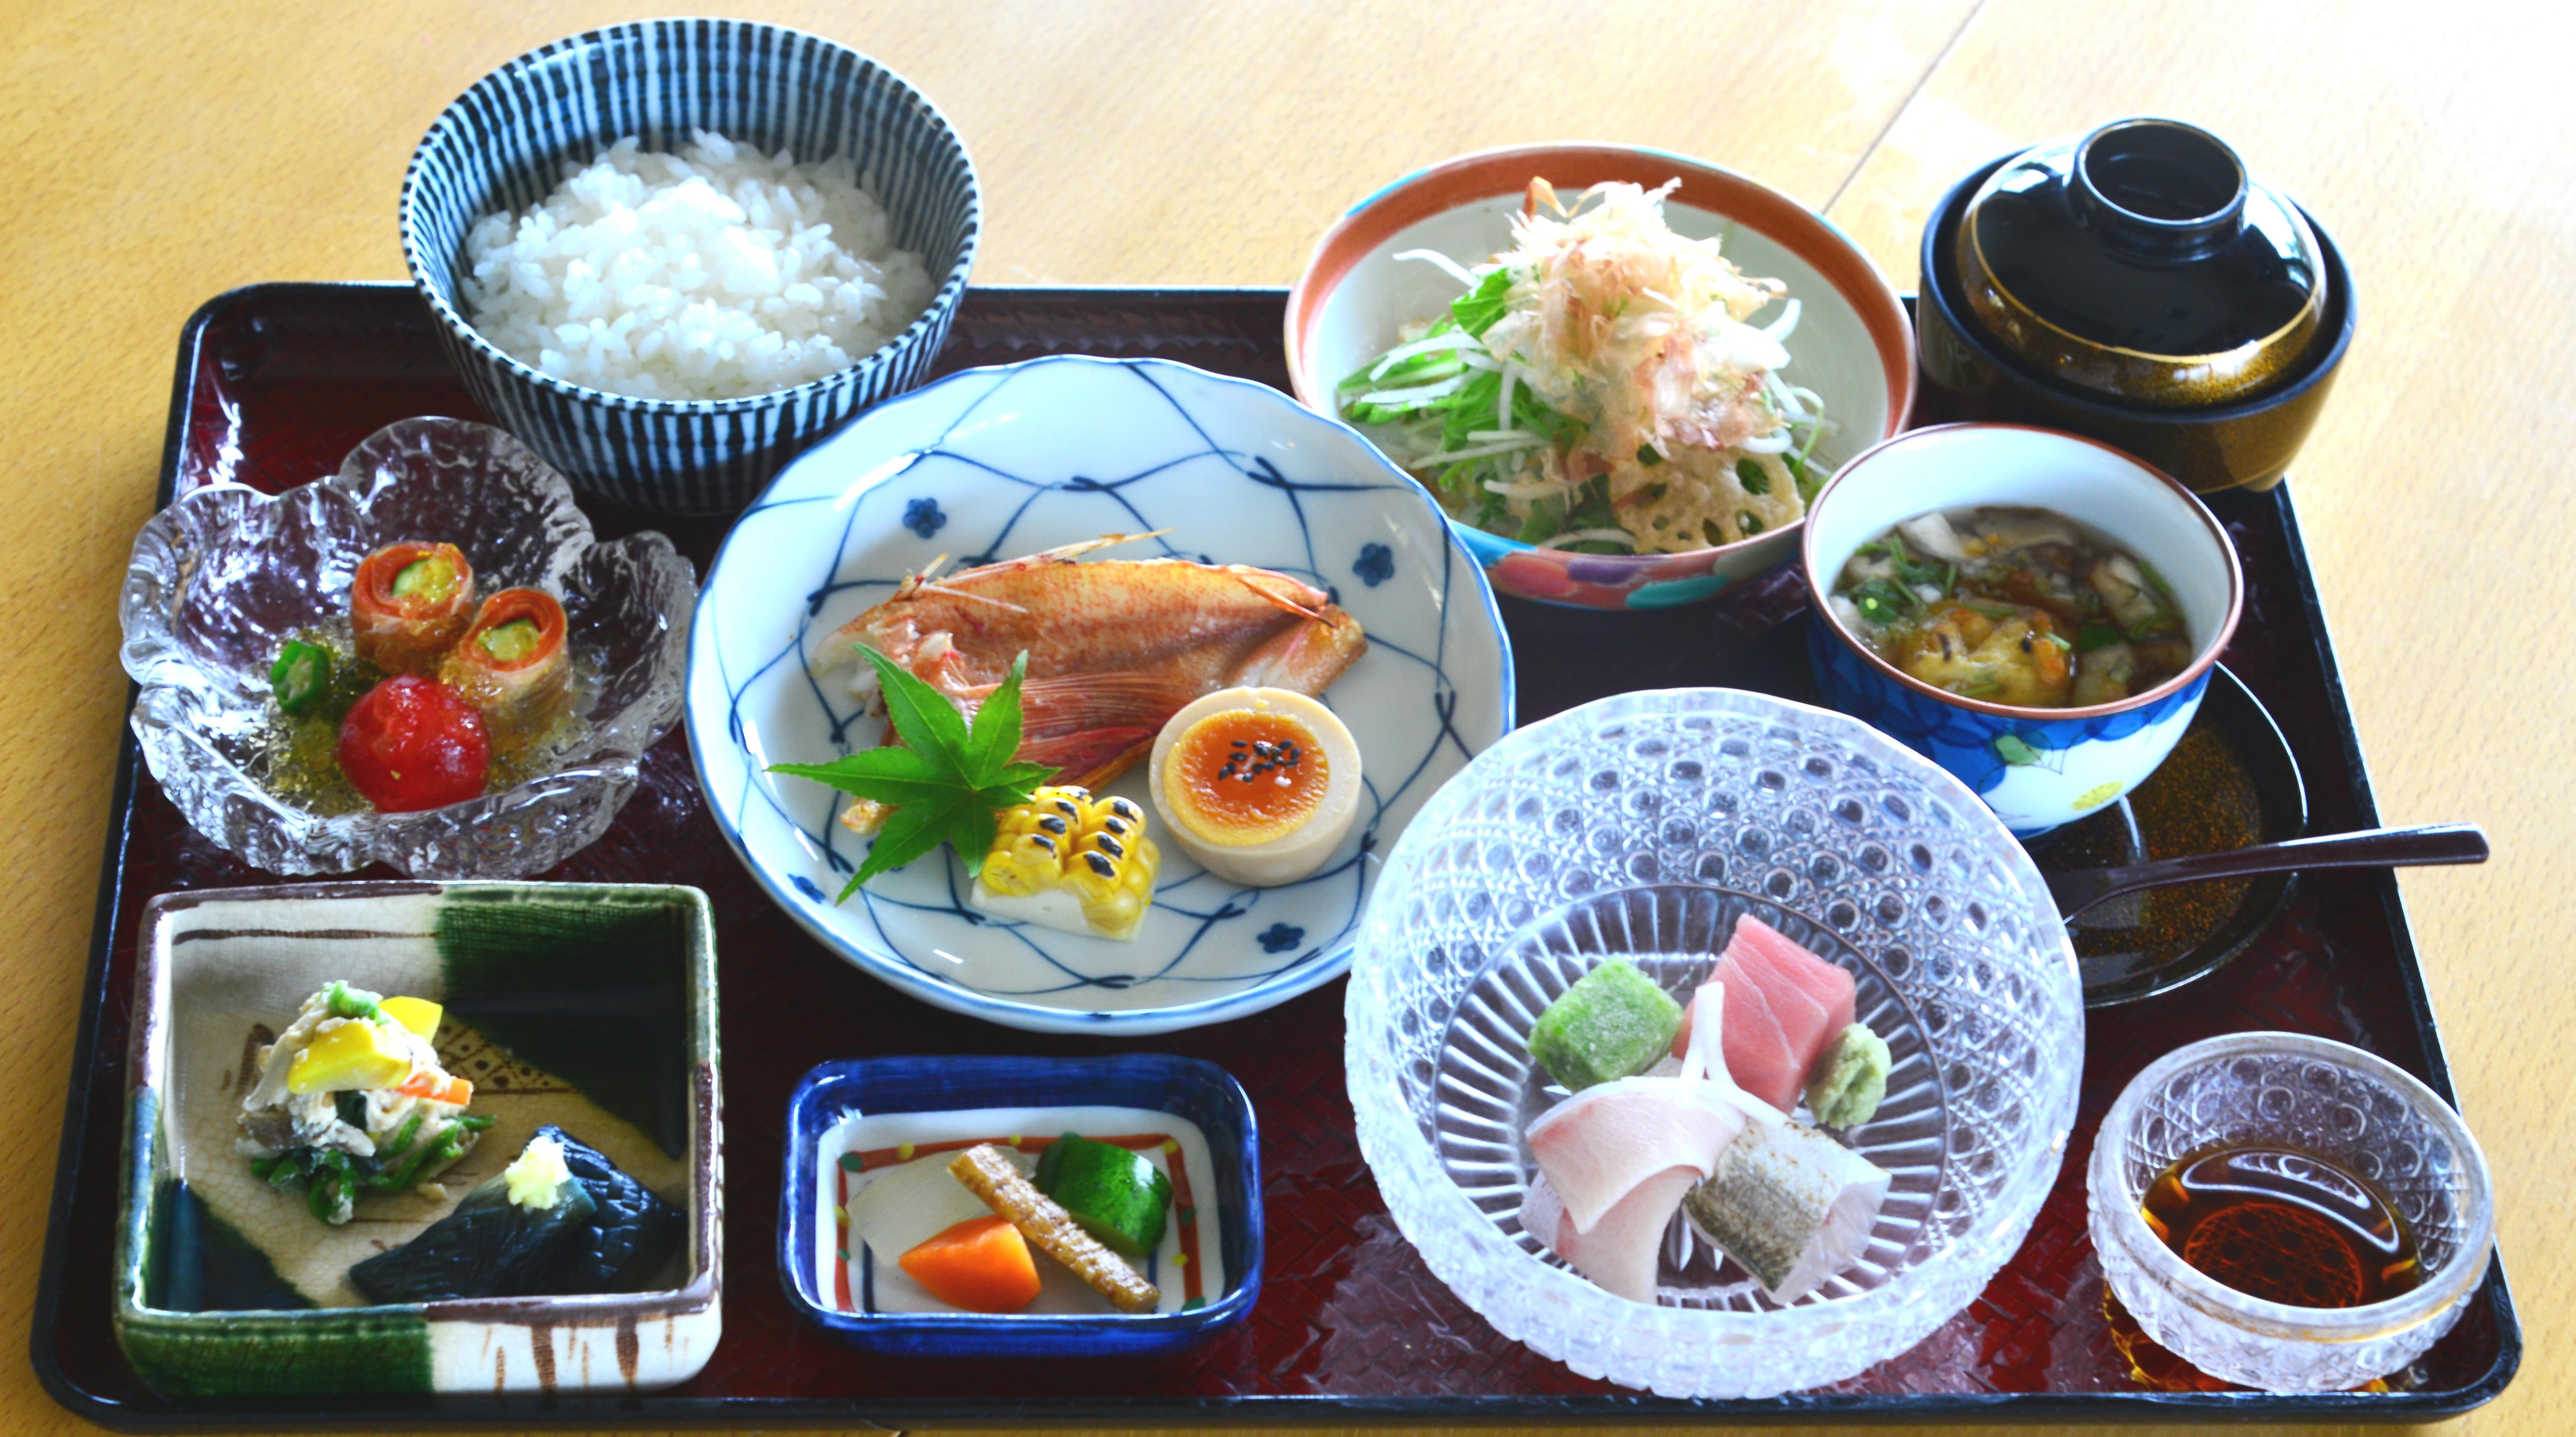 9月越の国御膳 魚 季節のお造り付